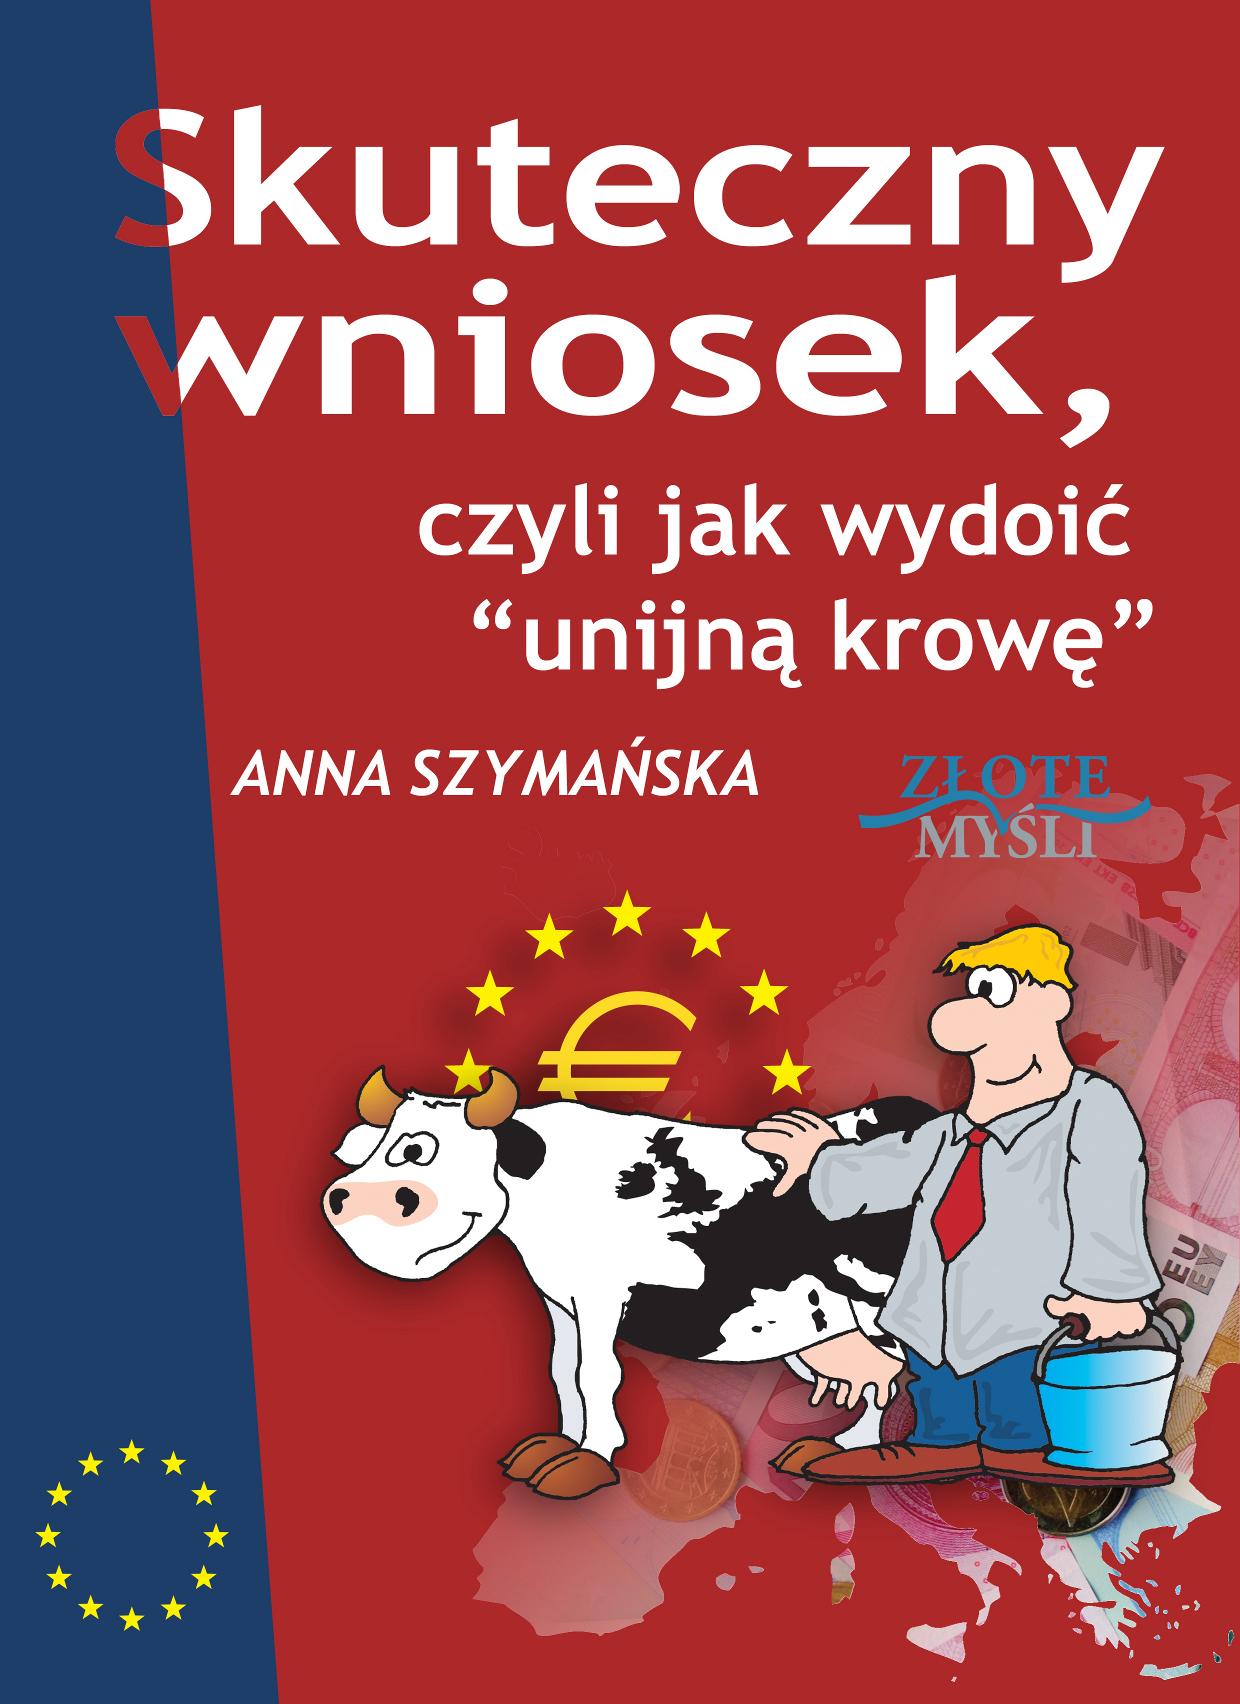 Anna Szymańska: Skuteczny wniosek, czyli jak wydoić unijną krowę - okładka